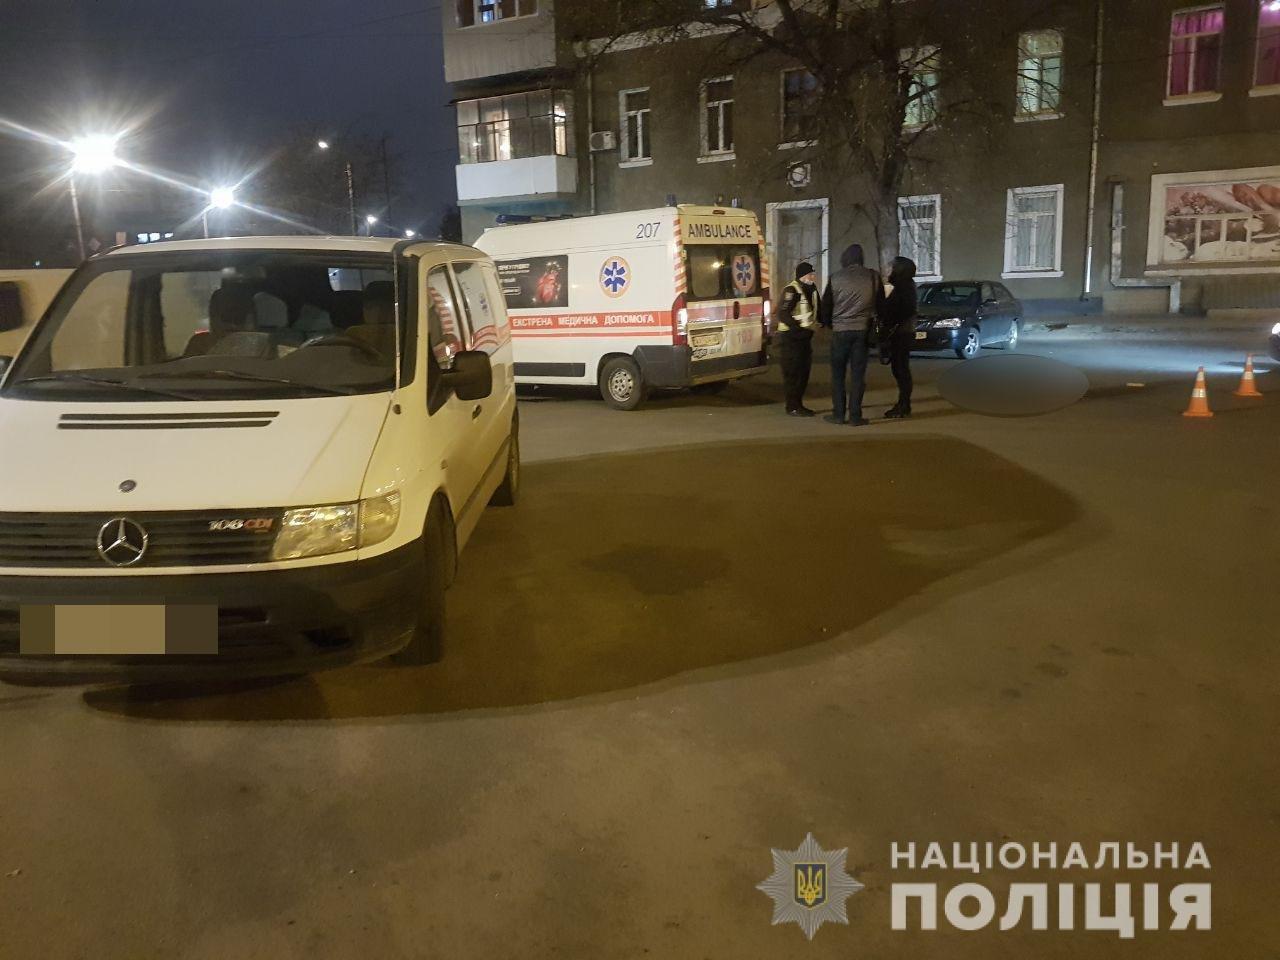 В Харькове водитель микроавтобуса сдавал назад и насмерть задавил пенсионера, - ФОТО, фото-1